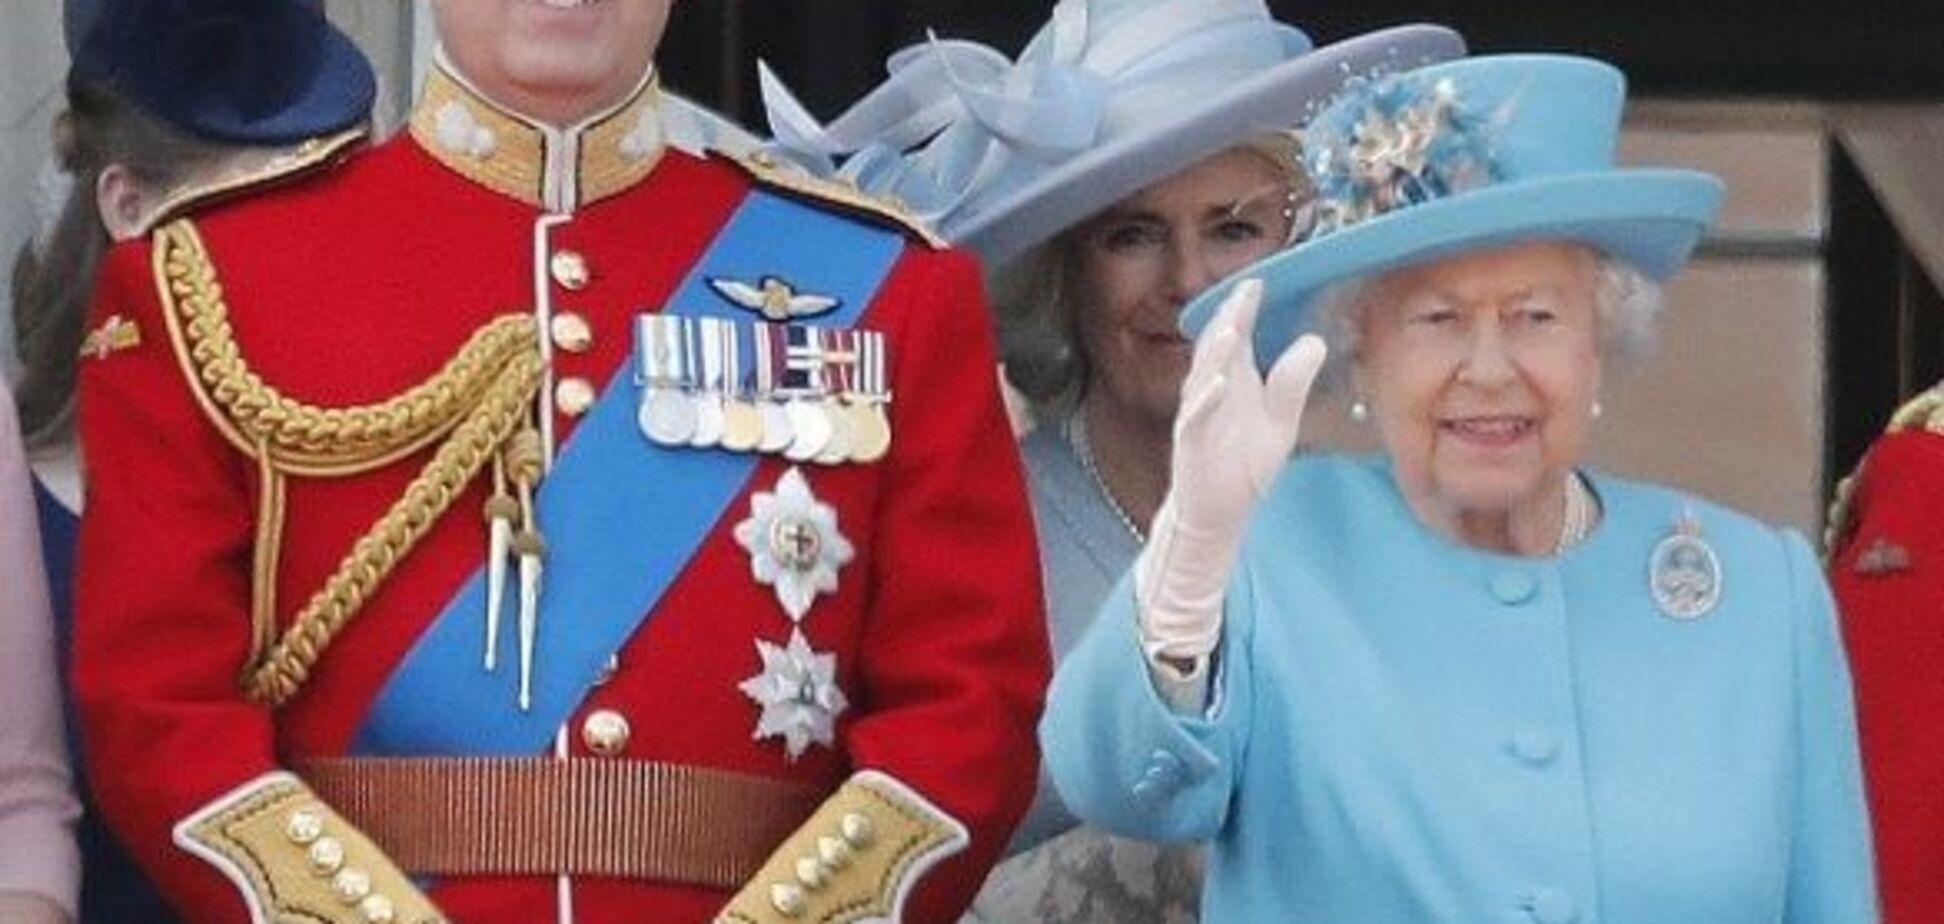 Сын королевы Елизаветы оказался замешан в громком секс-скандале: что произошло